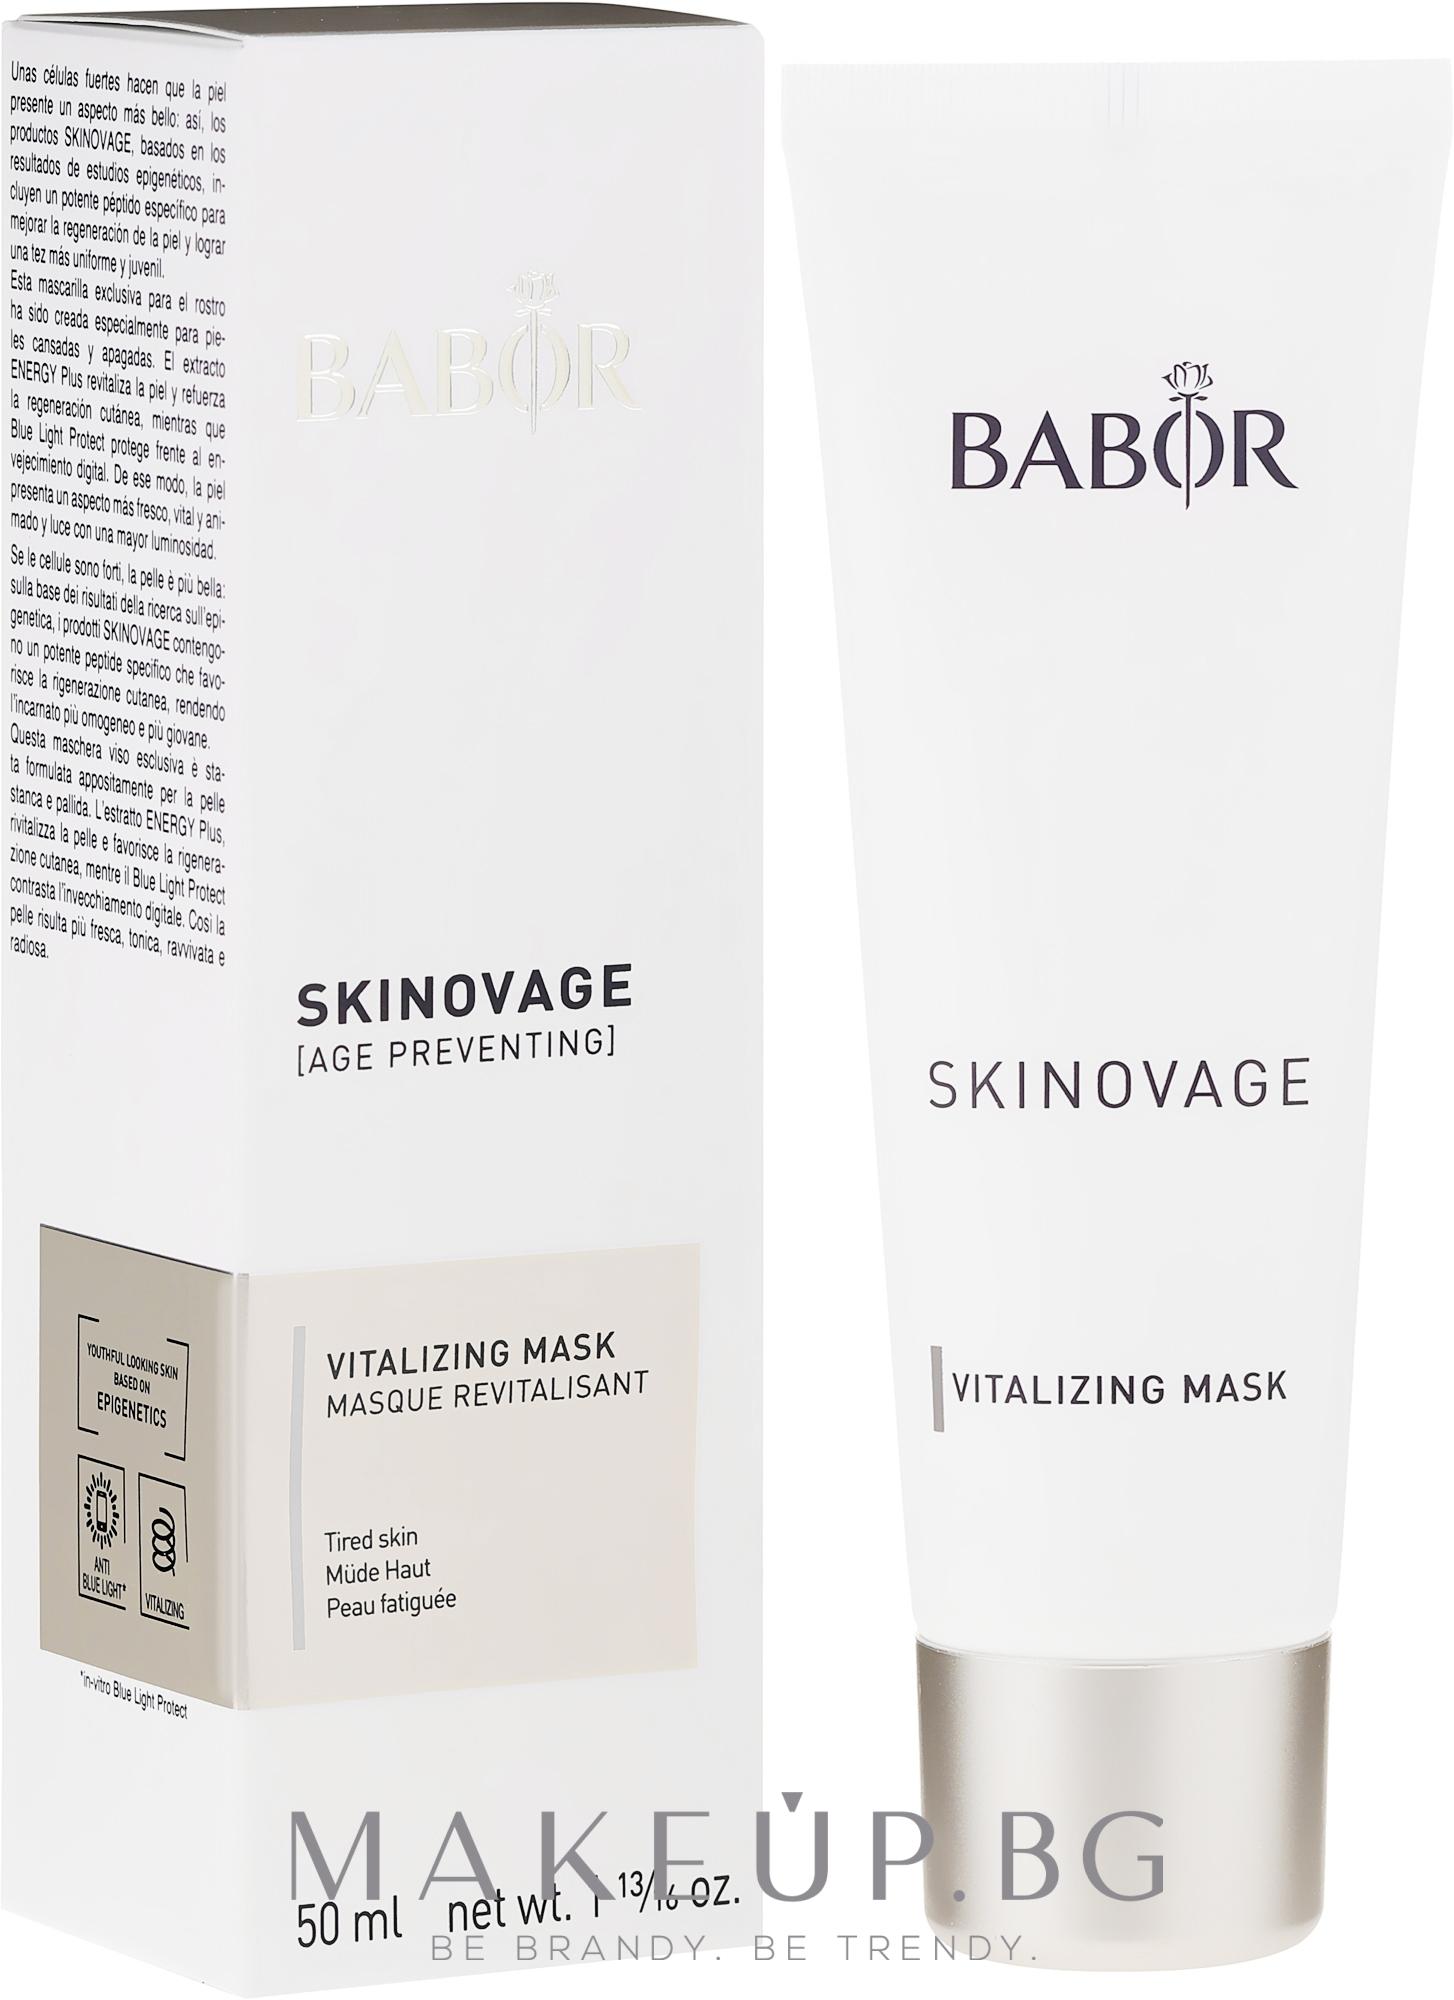 Успокояваща маска за уморена кожа - Babor Skinovage Vitalizing Mask — снимка 50 ml